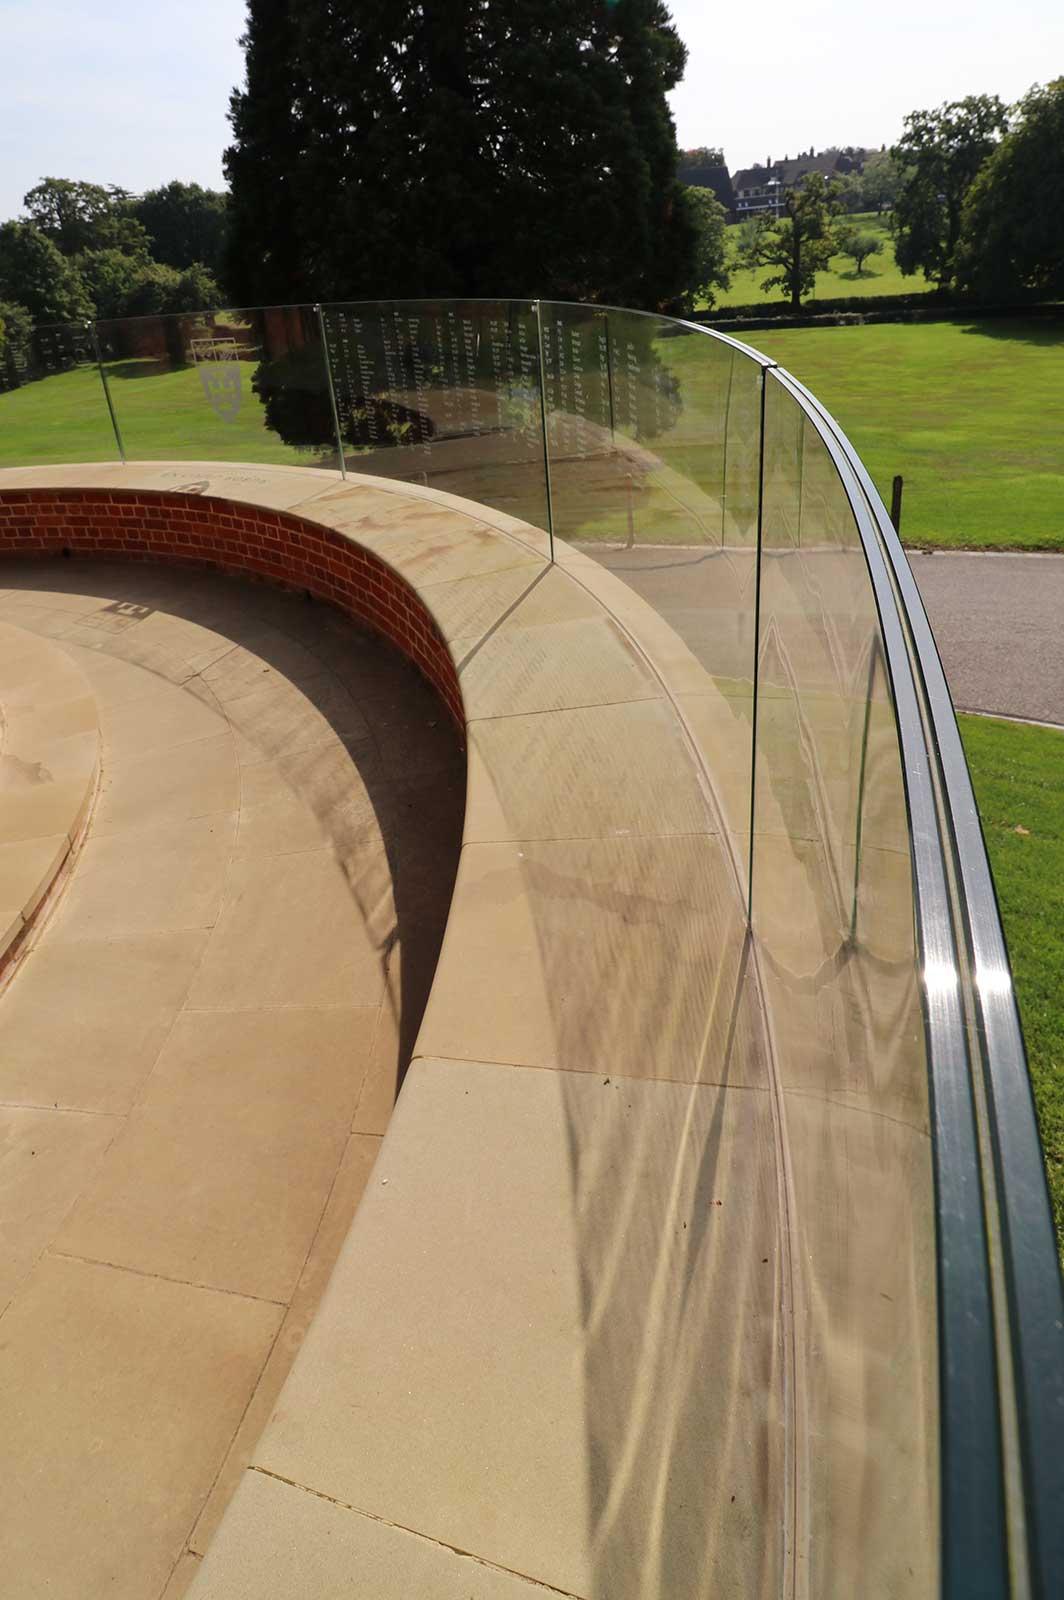 External Laminated Glass Balustrades, Cranleigh School